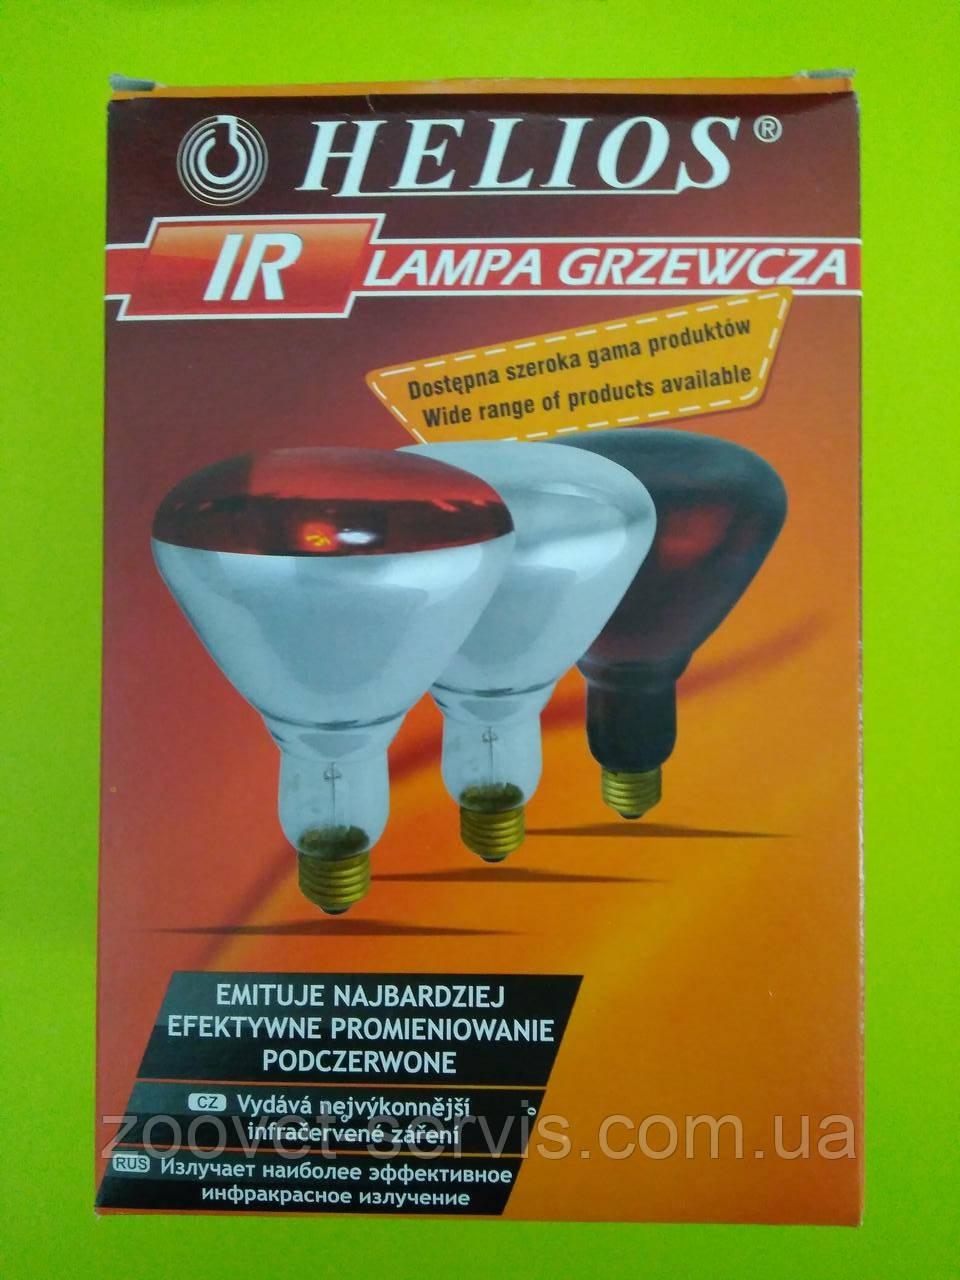 Лампа ИКЗК-250W 230V Helios